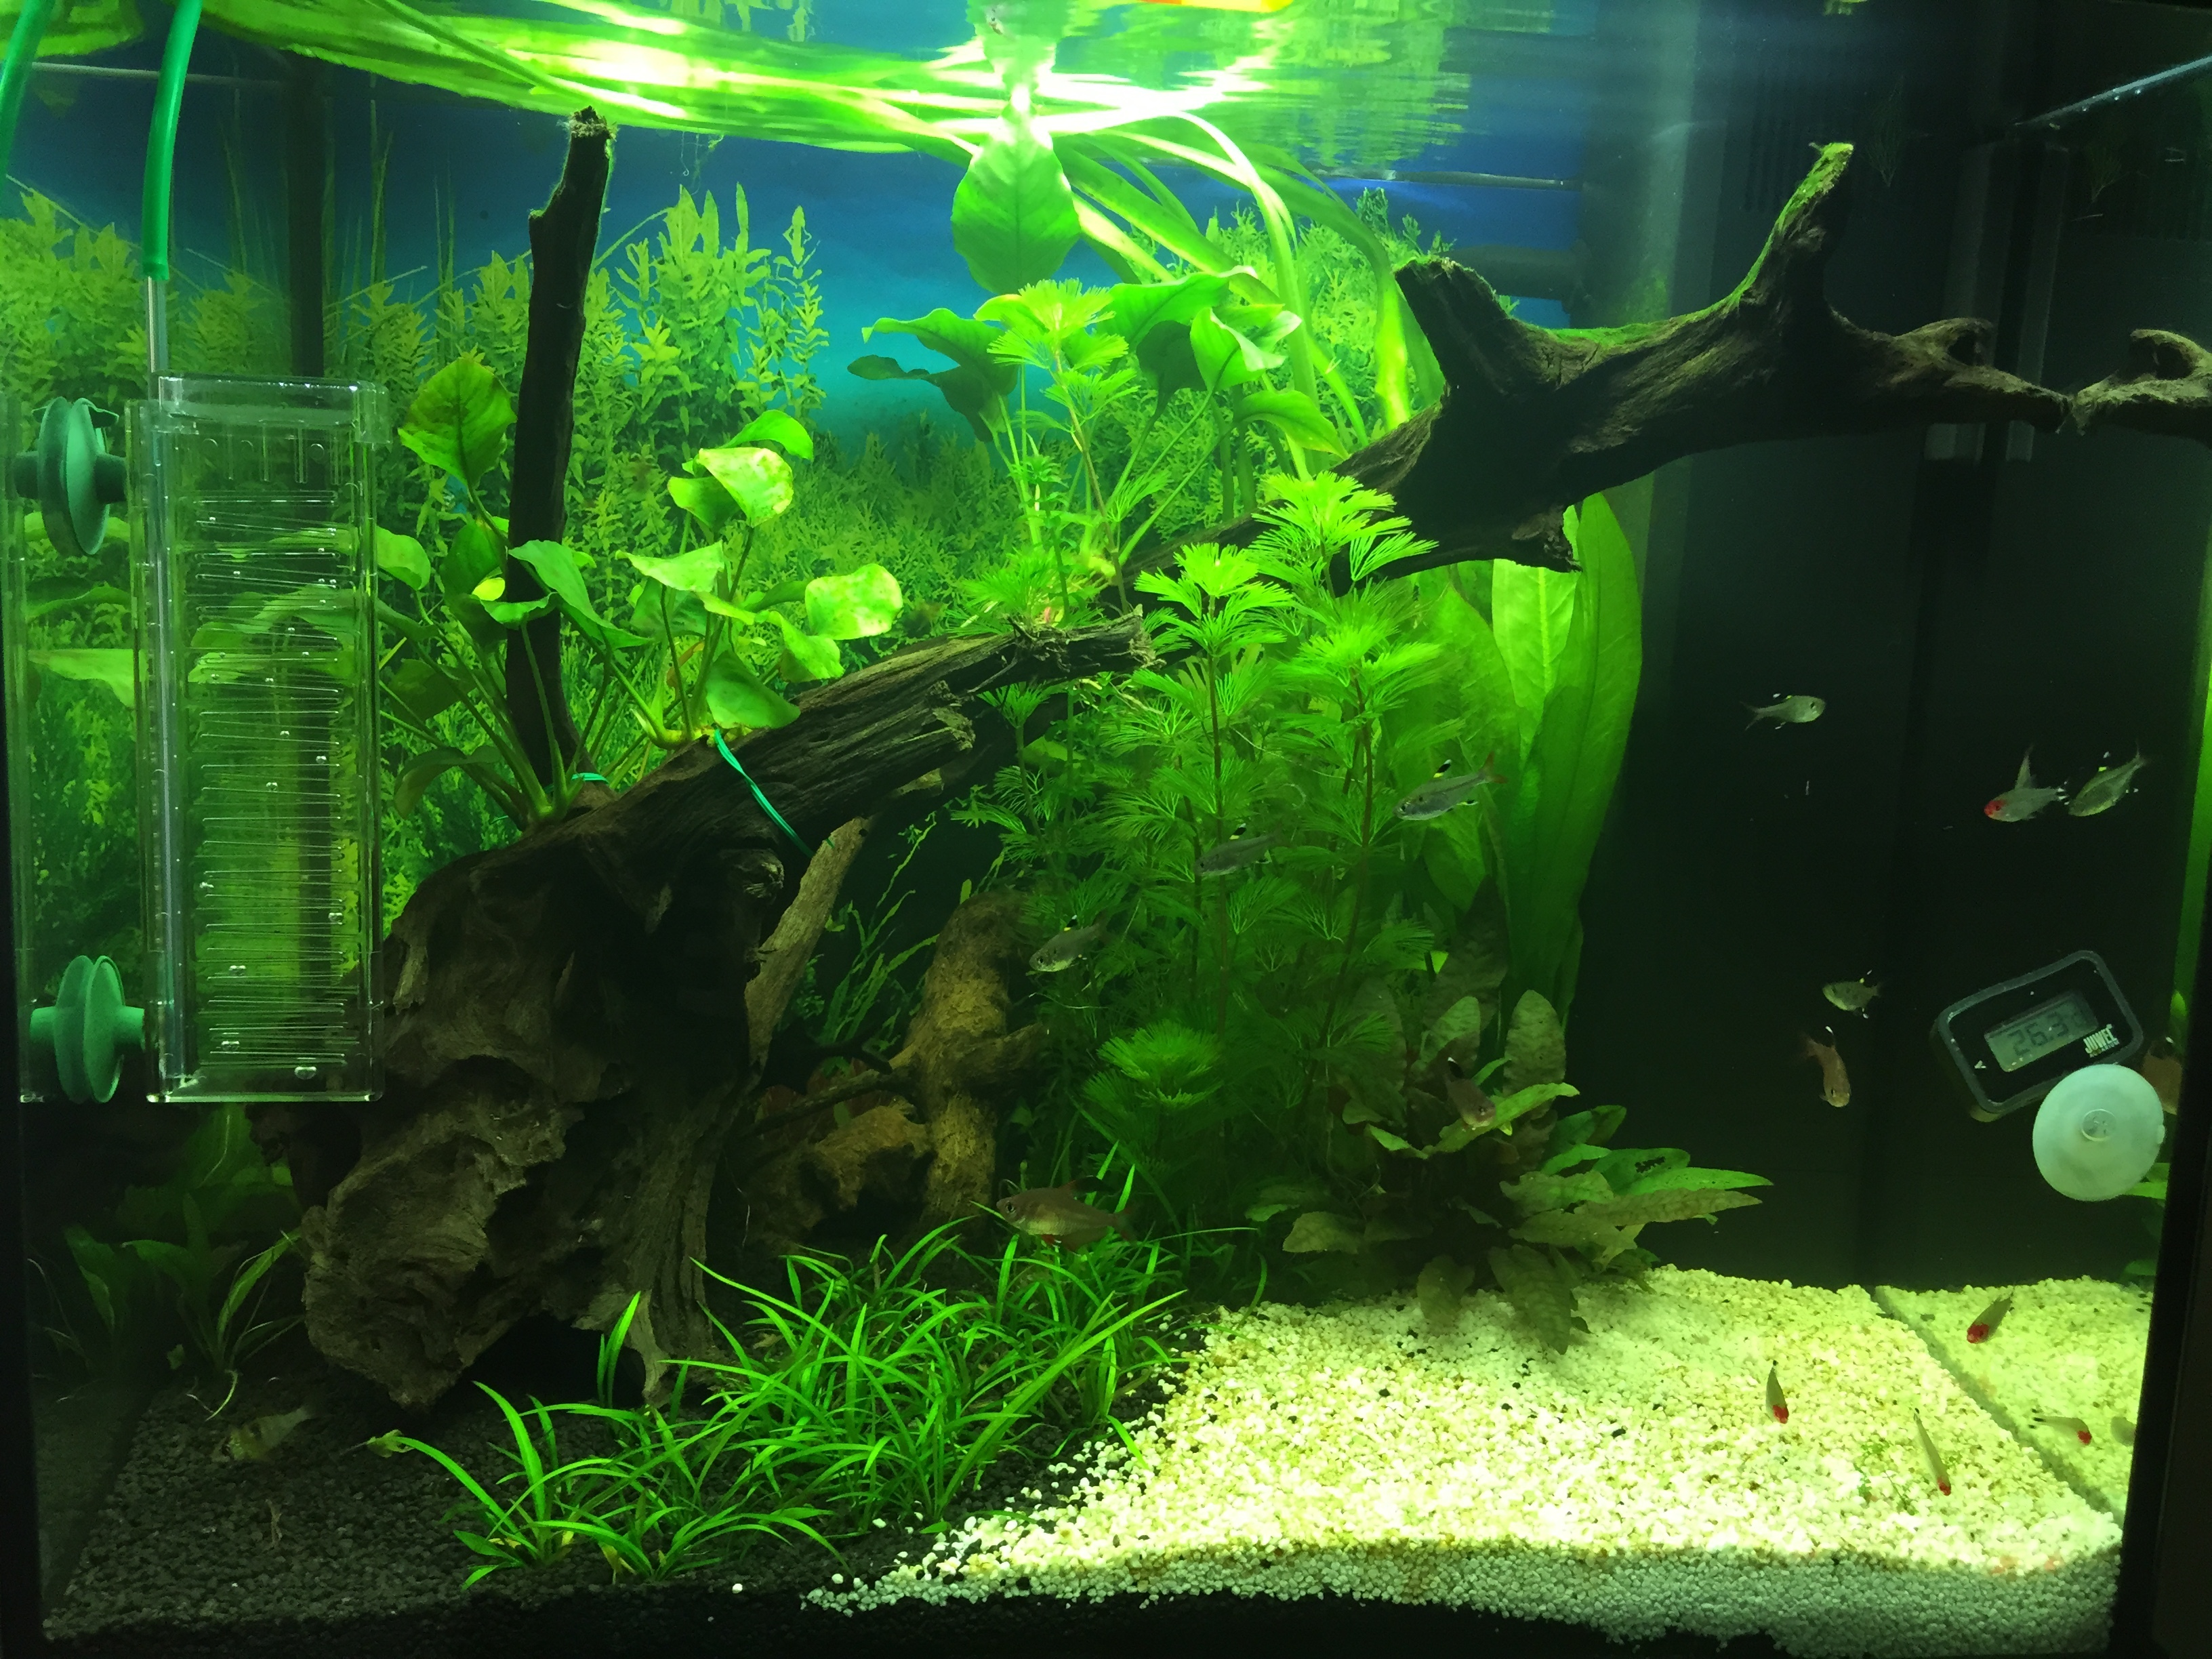 empfehlung led beleuchtung juwel lido 120 aquariumbeleuchtung aquascaping forum. Black Bedroom Furniture Sets. Home Design Ideas